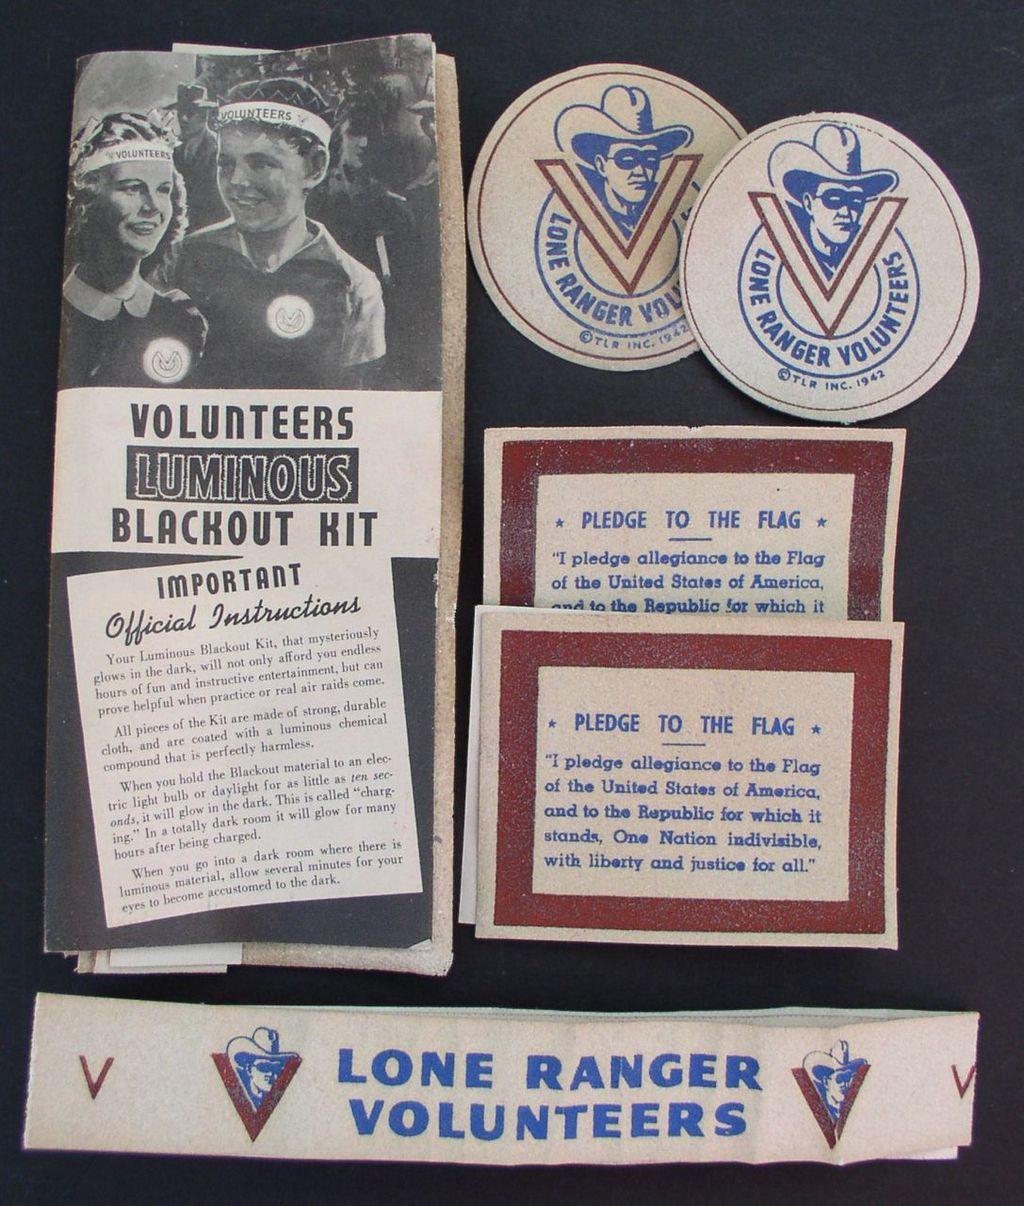 Lone Ranger 1942 Luminous Blackout Kit Radio Premium